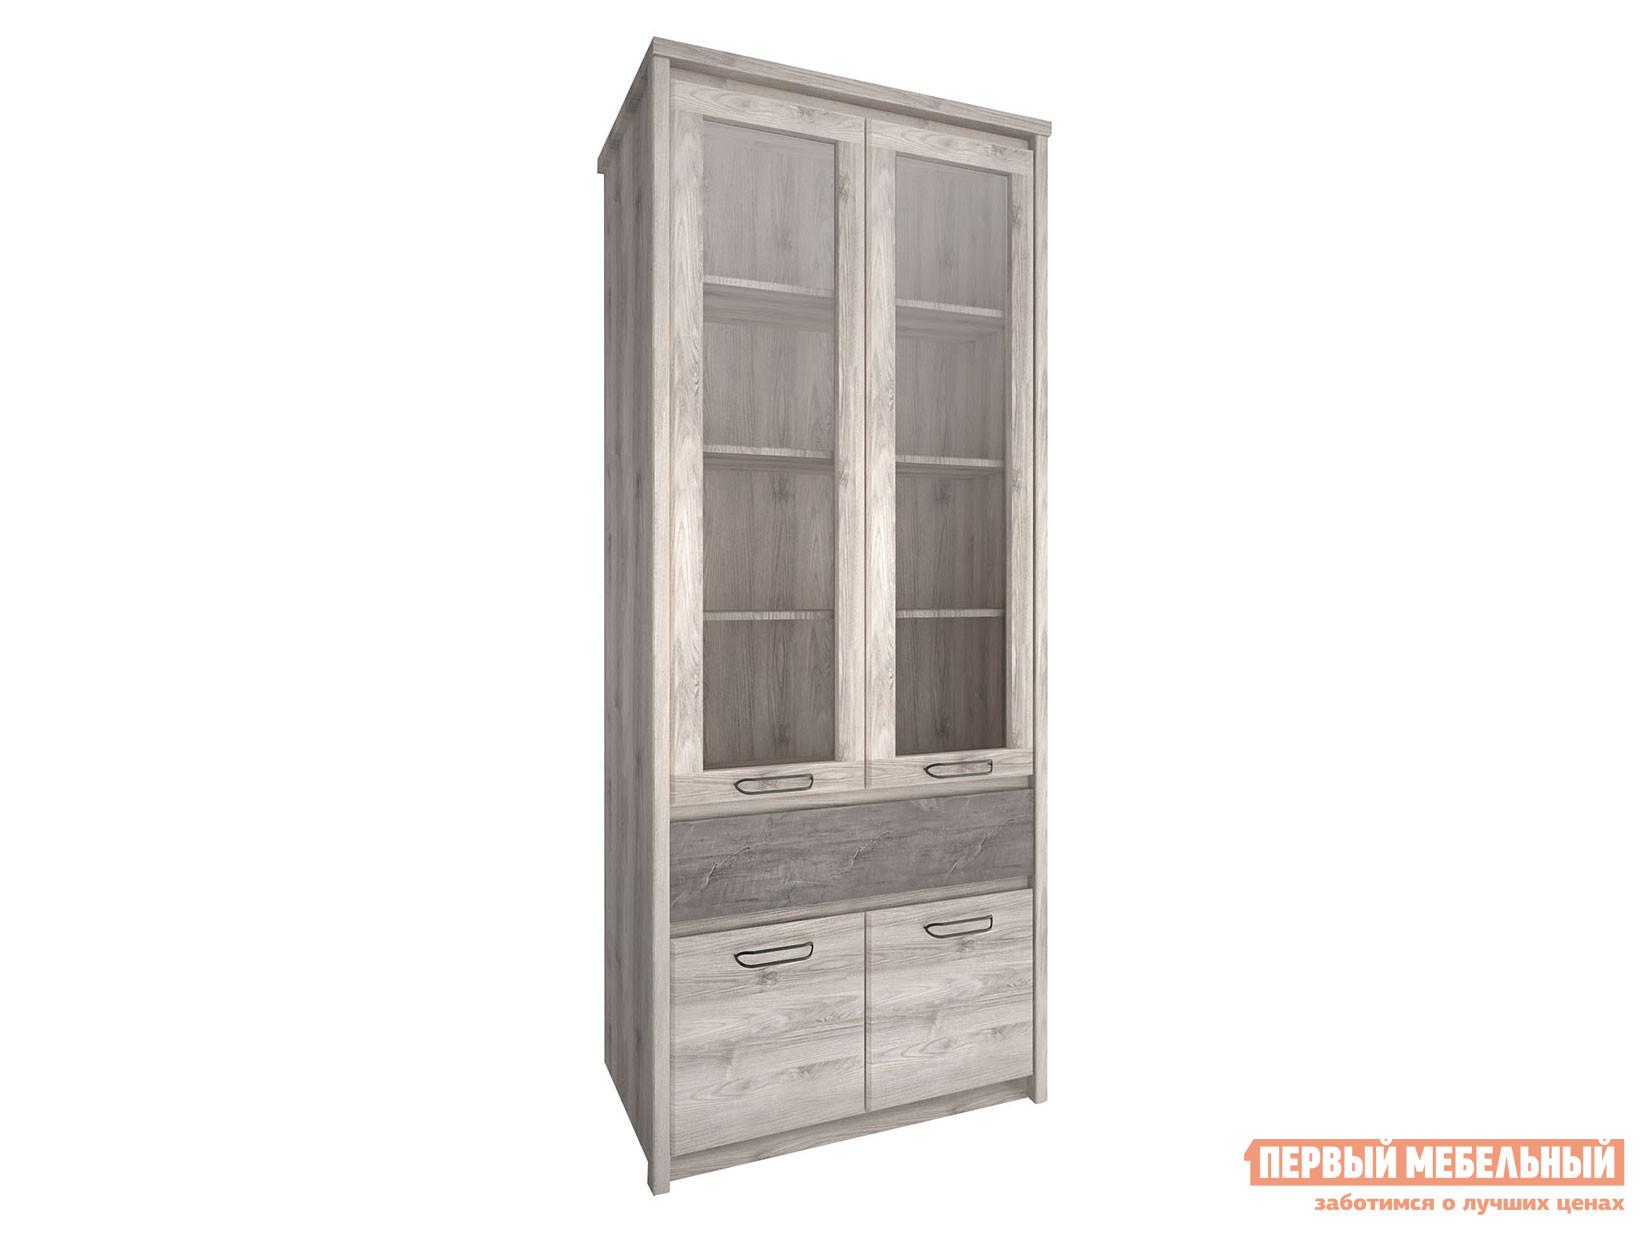 Шкаф-витрина Первый Мебельный Шкаф-витрина 2-х створчатый Джаз шкаф витрина timberica шкаф книжный айно 2